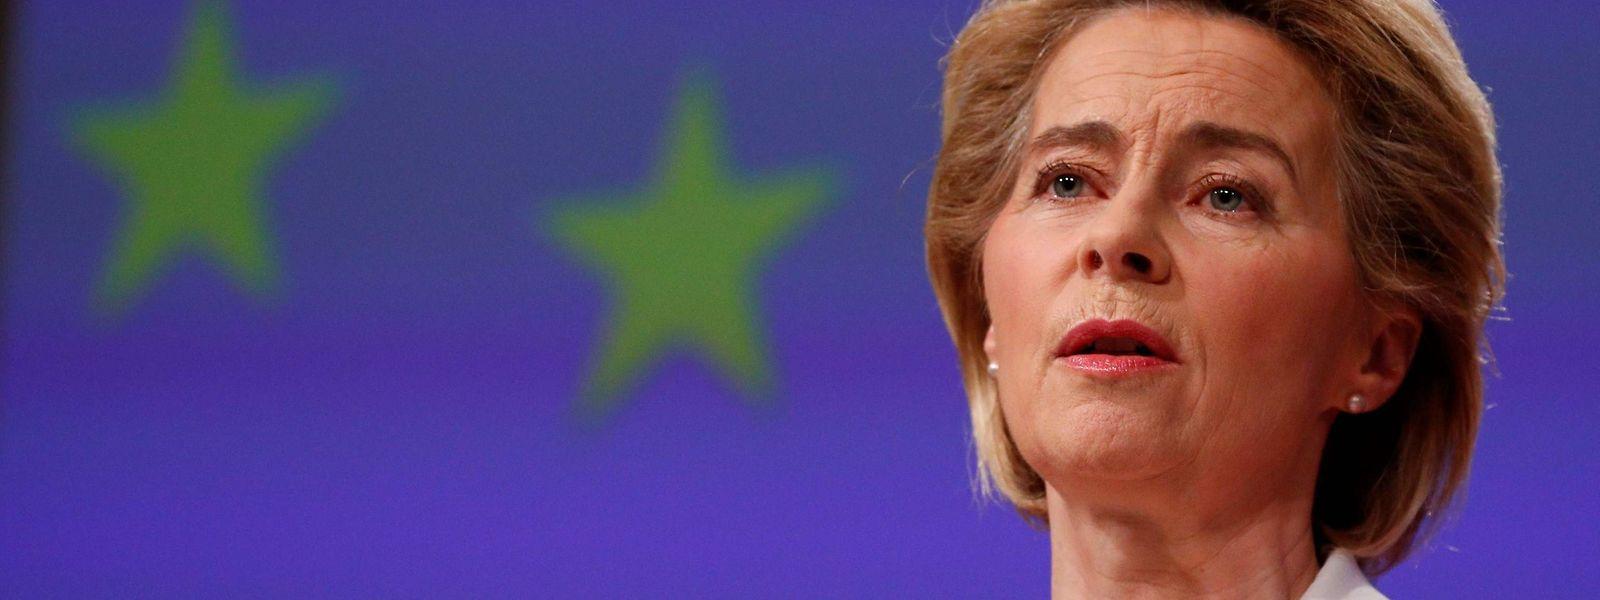 """Ursula von der Leyen: """"Die vielen Milliarden, die heute investiert werden müssen, um eine größere Katastrophe abzuwenden, werden Generationen binden."""""""